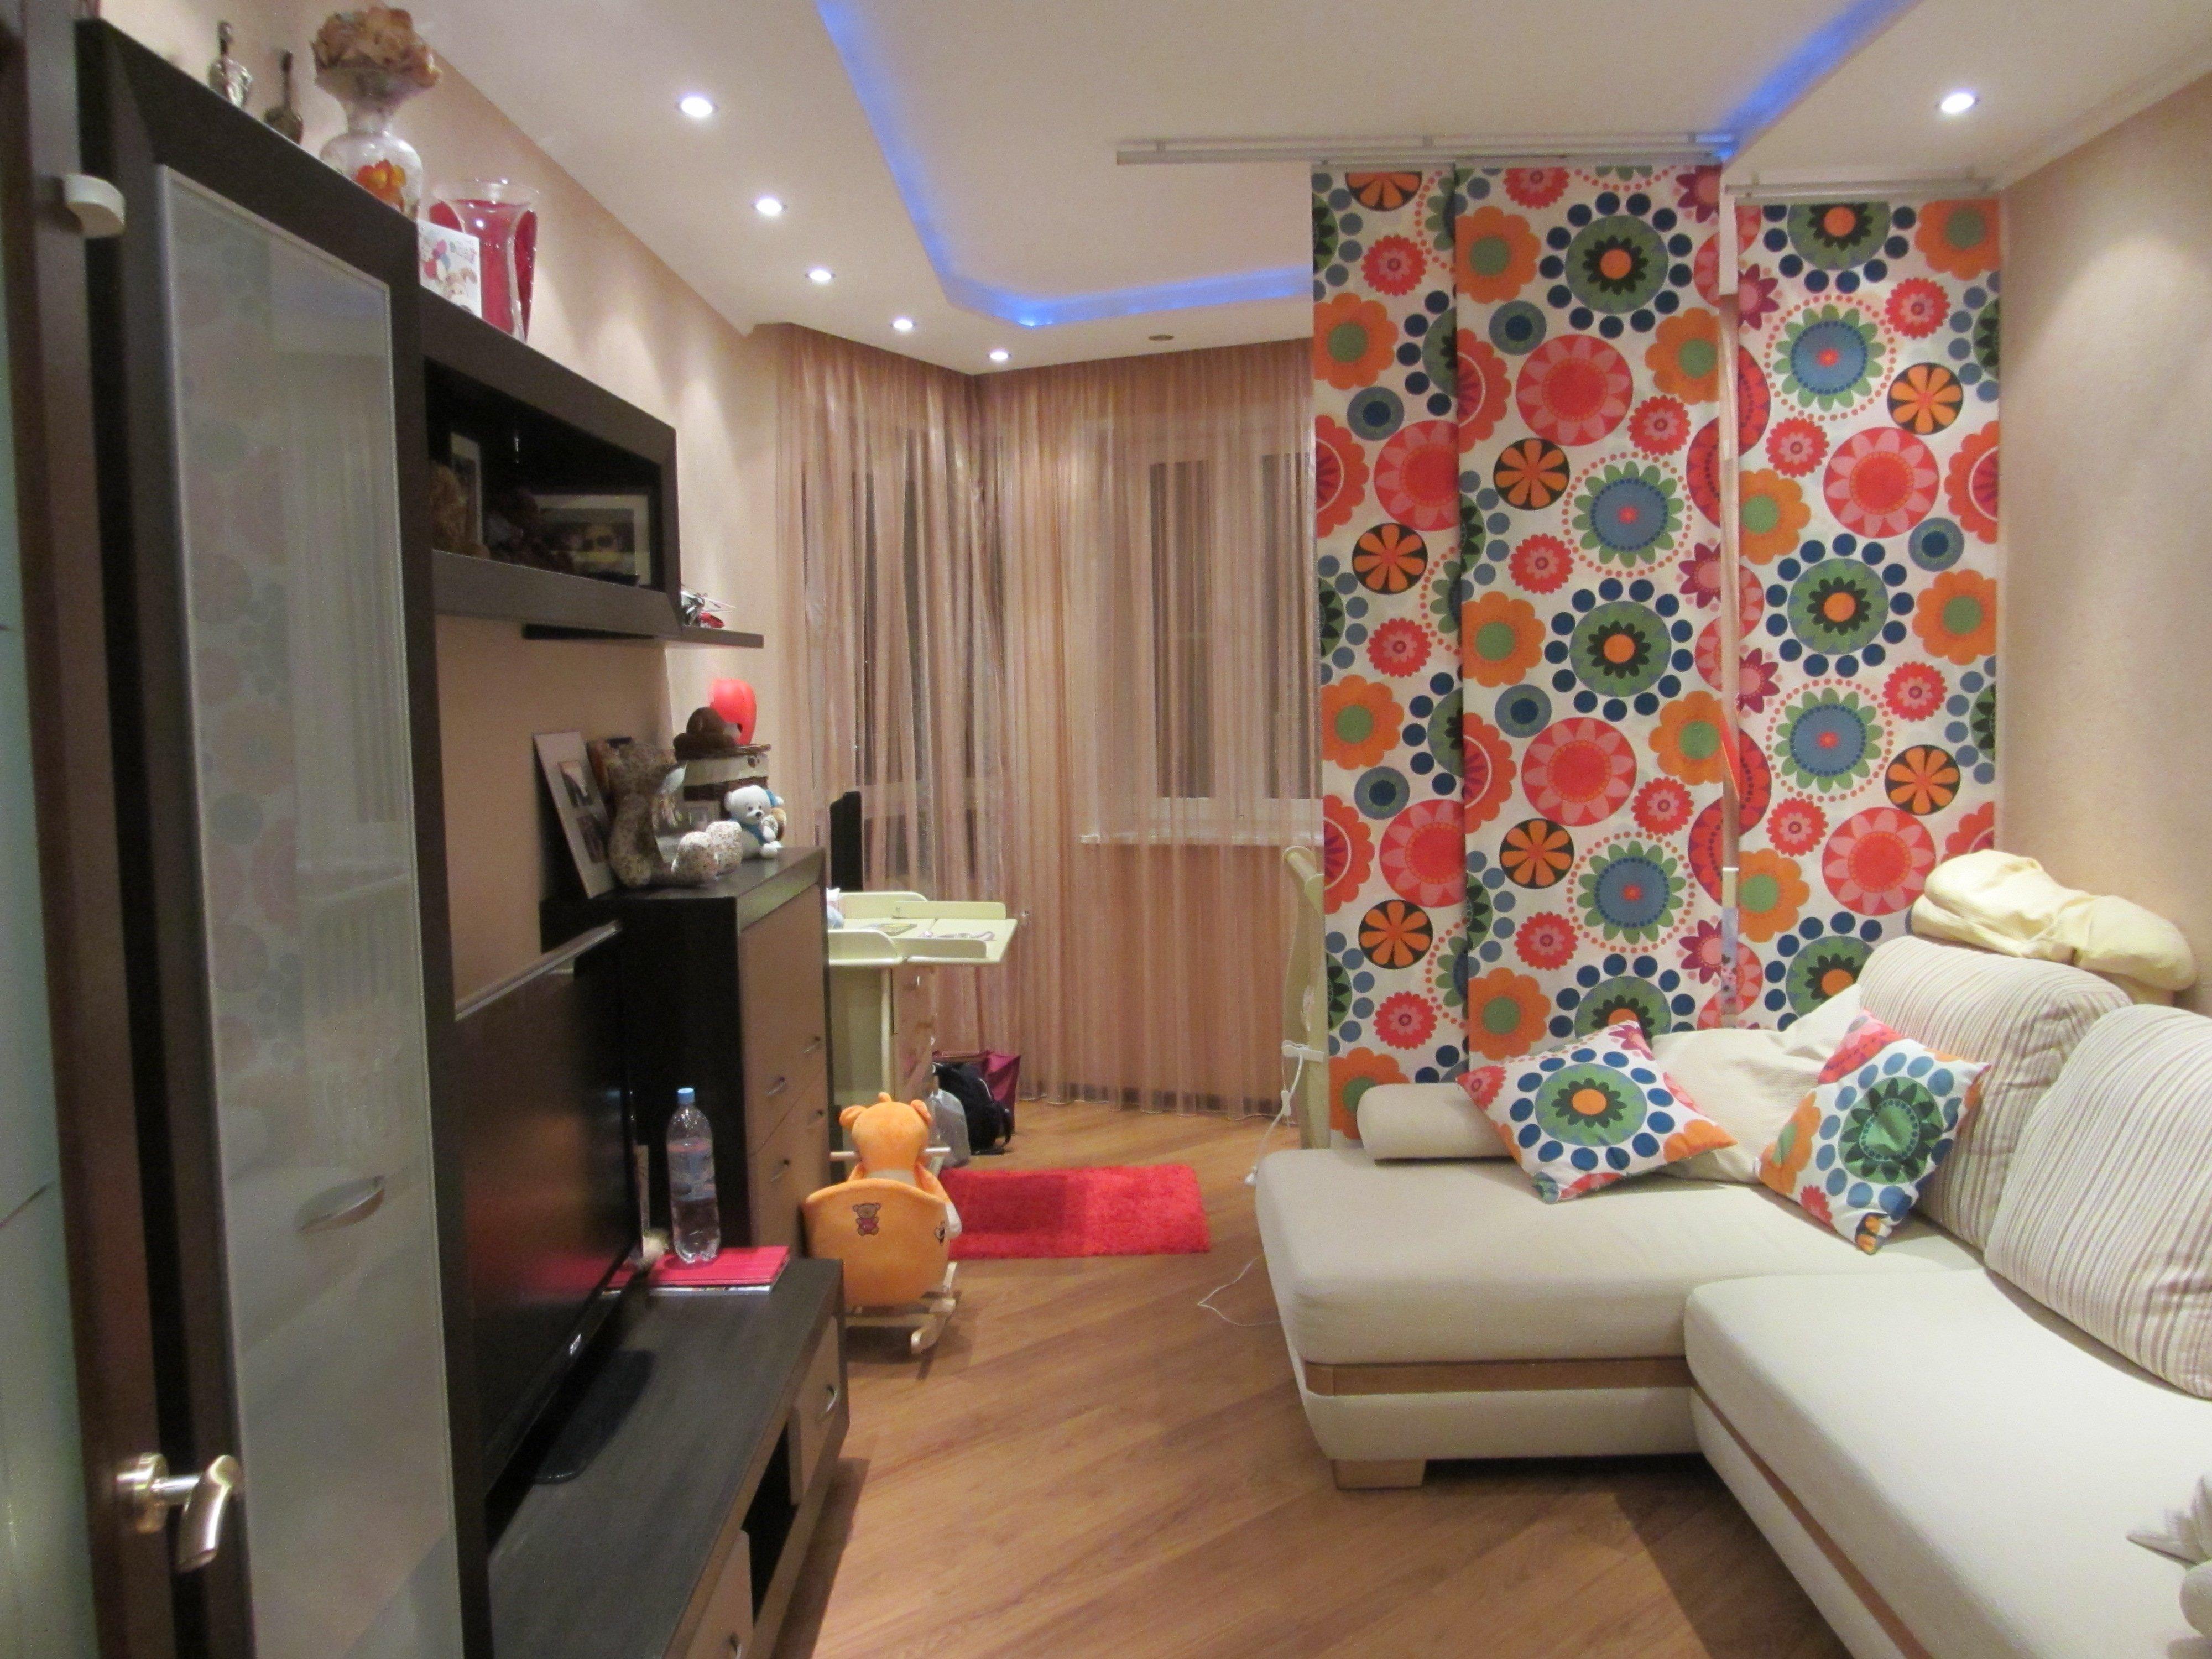 Дизайн трехкомнатной квартиры: 20 фото идей